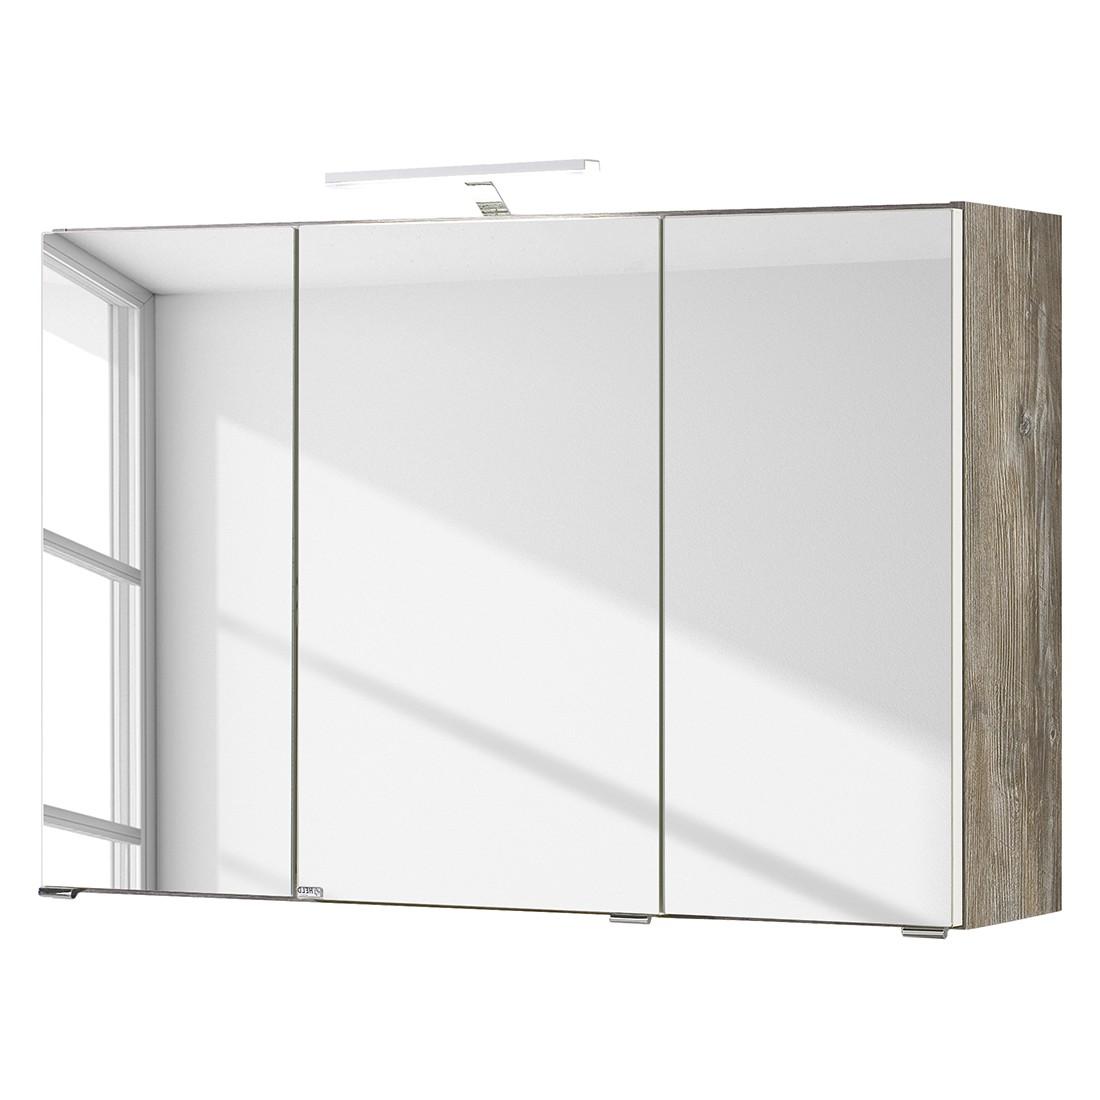 Armadietto a specchio Turda III - Con illuminazione Effetto quercia vintage, mooved